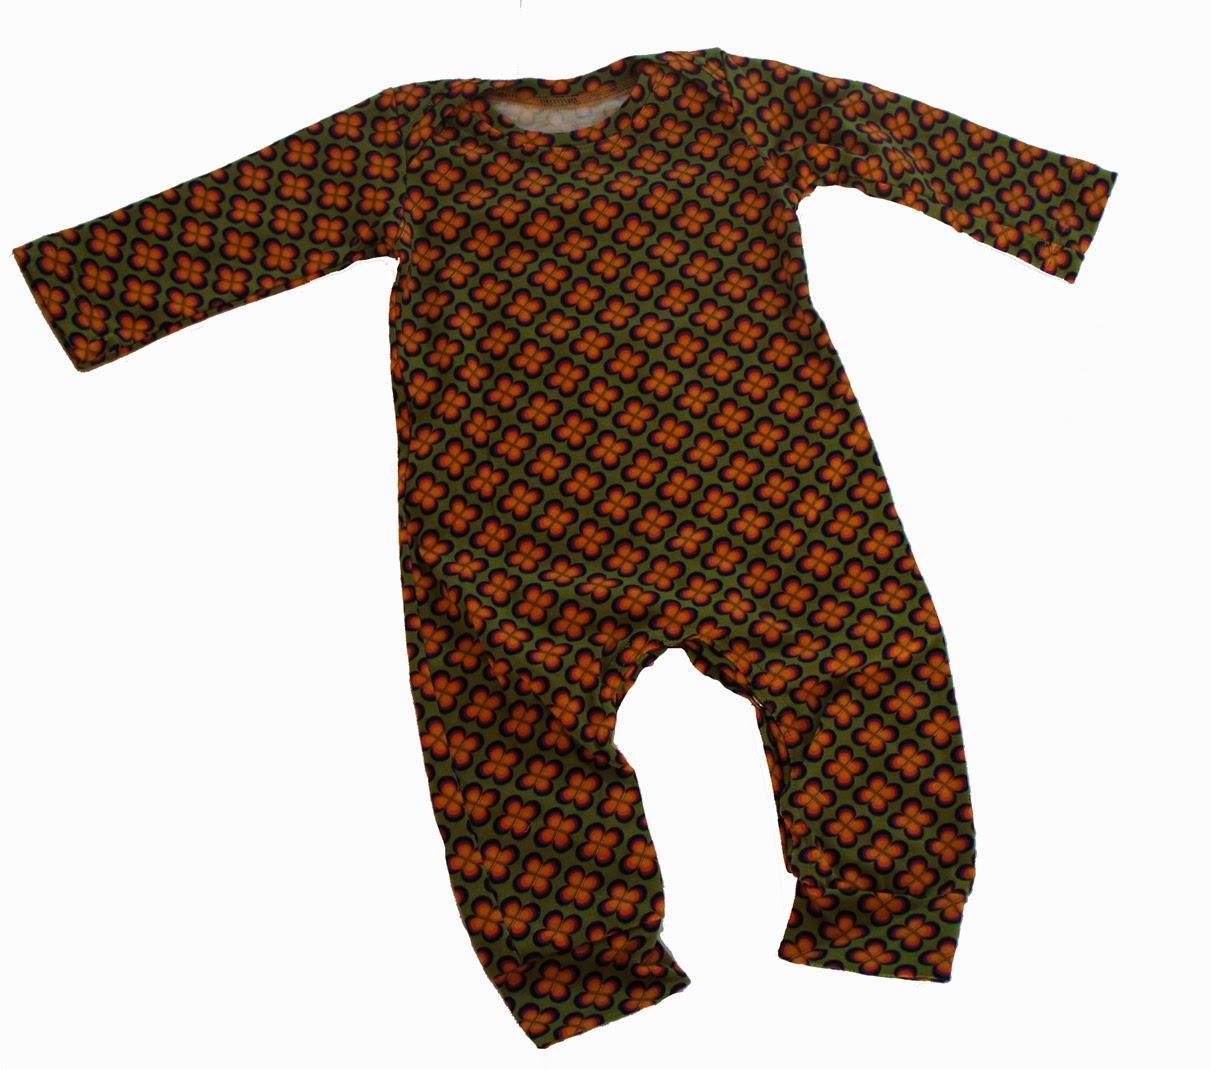 Originele Babykleding.Babycadeaublik Babykleding Met Retro Printjes